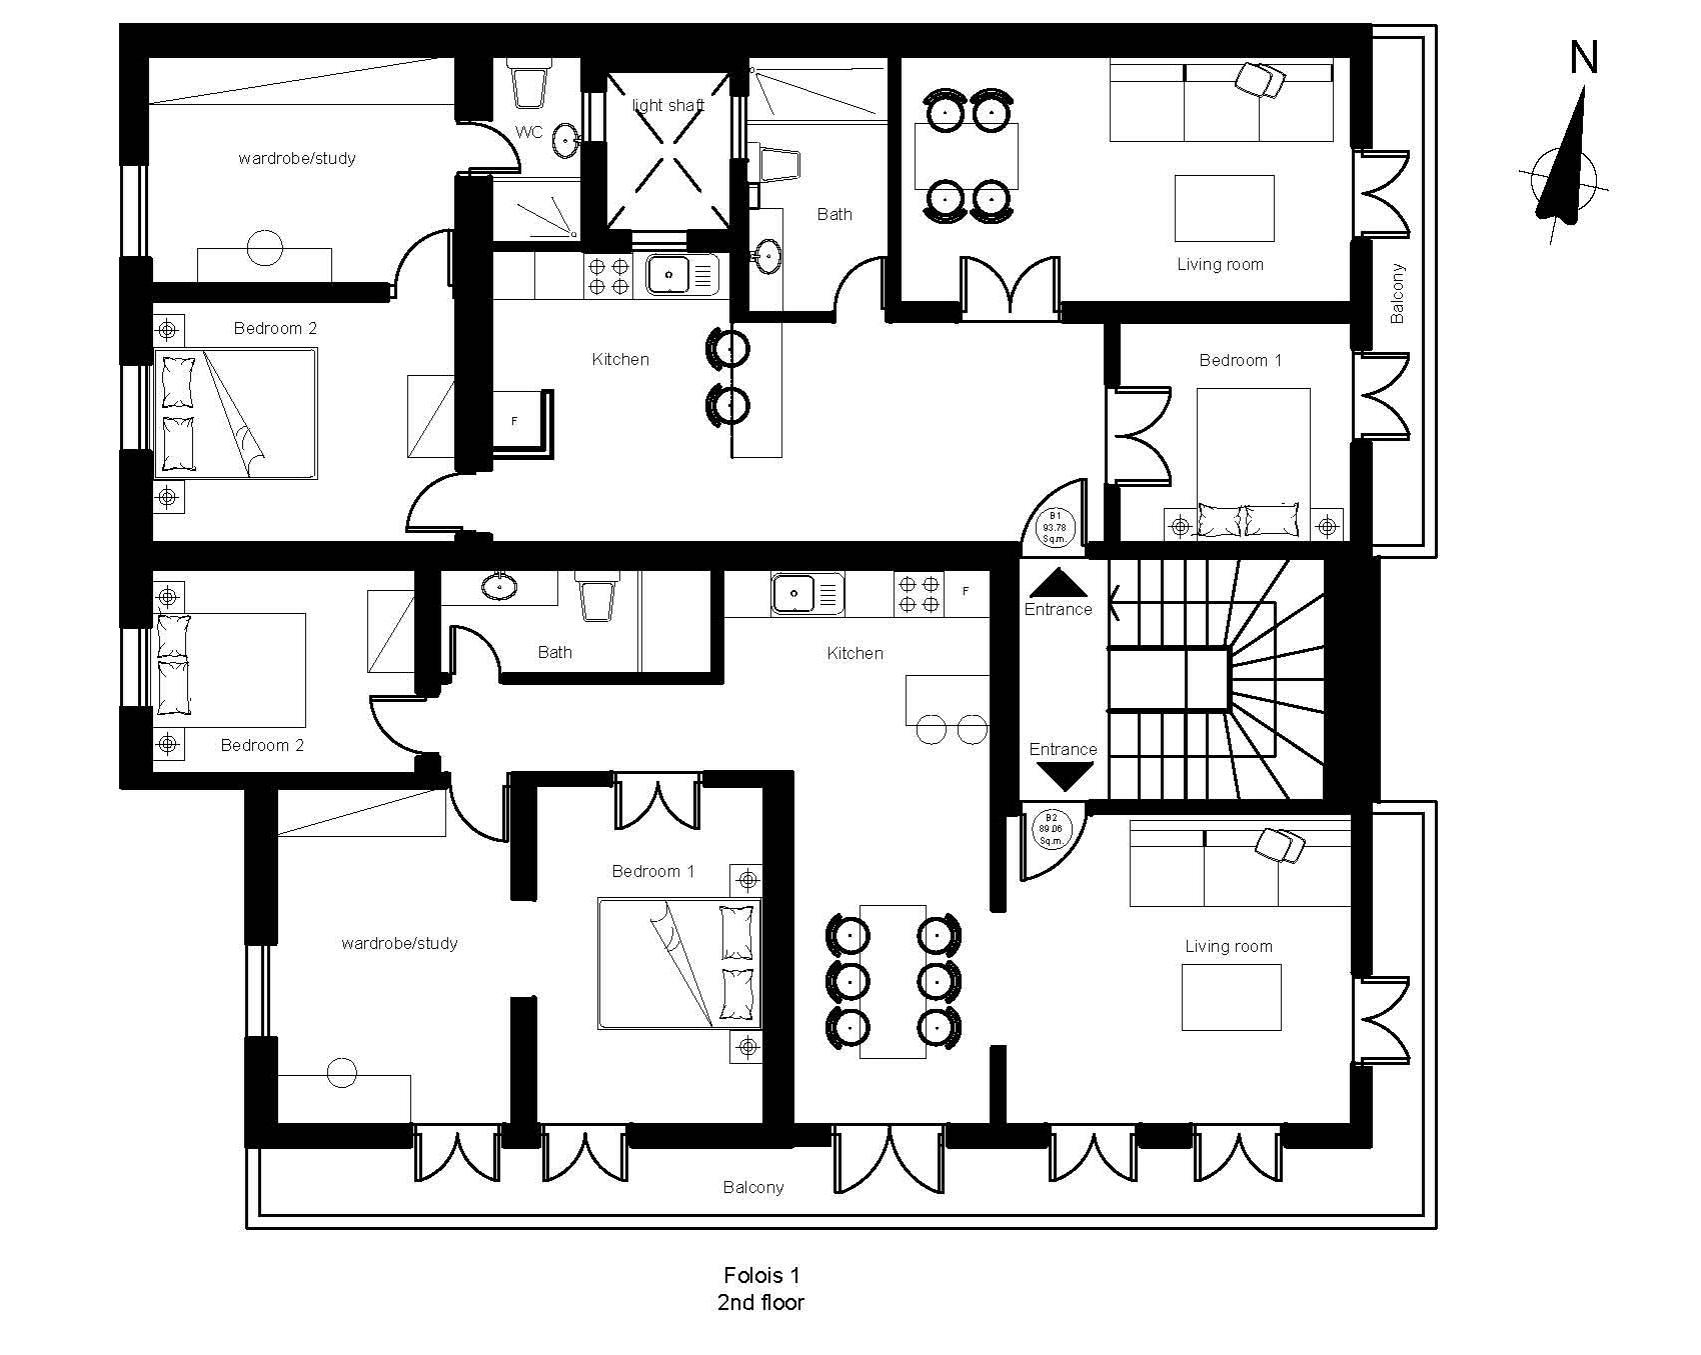 Folois 1 2nd floor plan